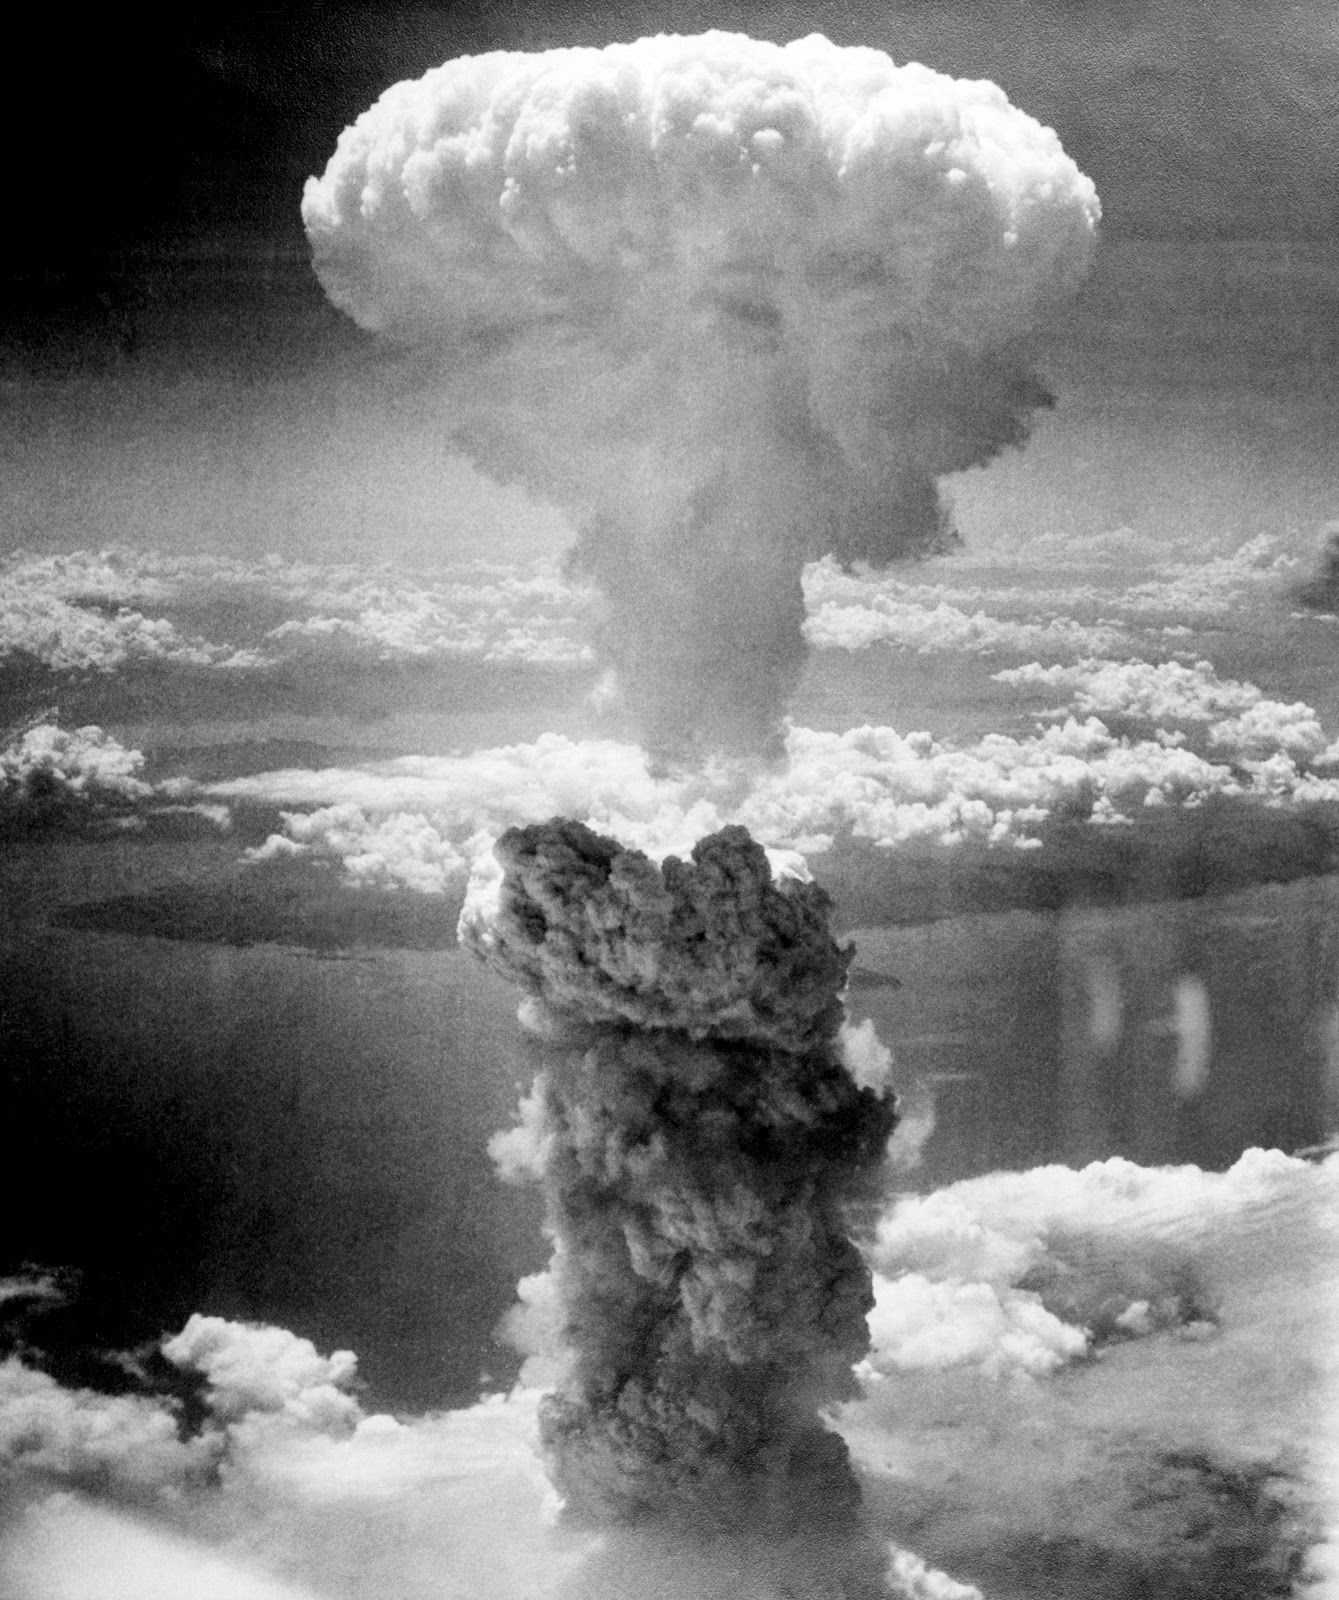 原爆が投下された直後の長崎の上空の巨大な茸雲